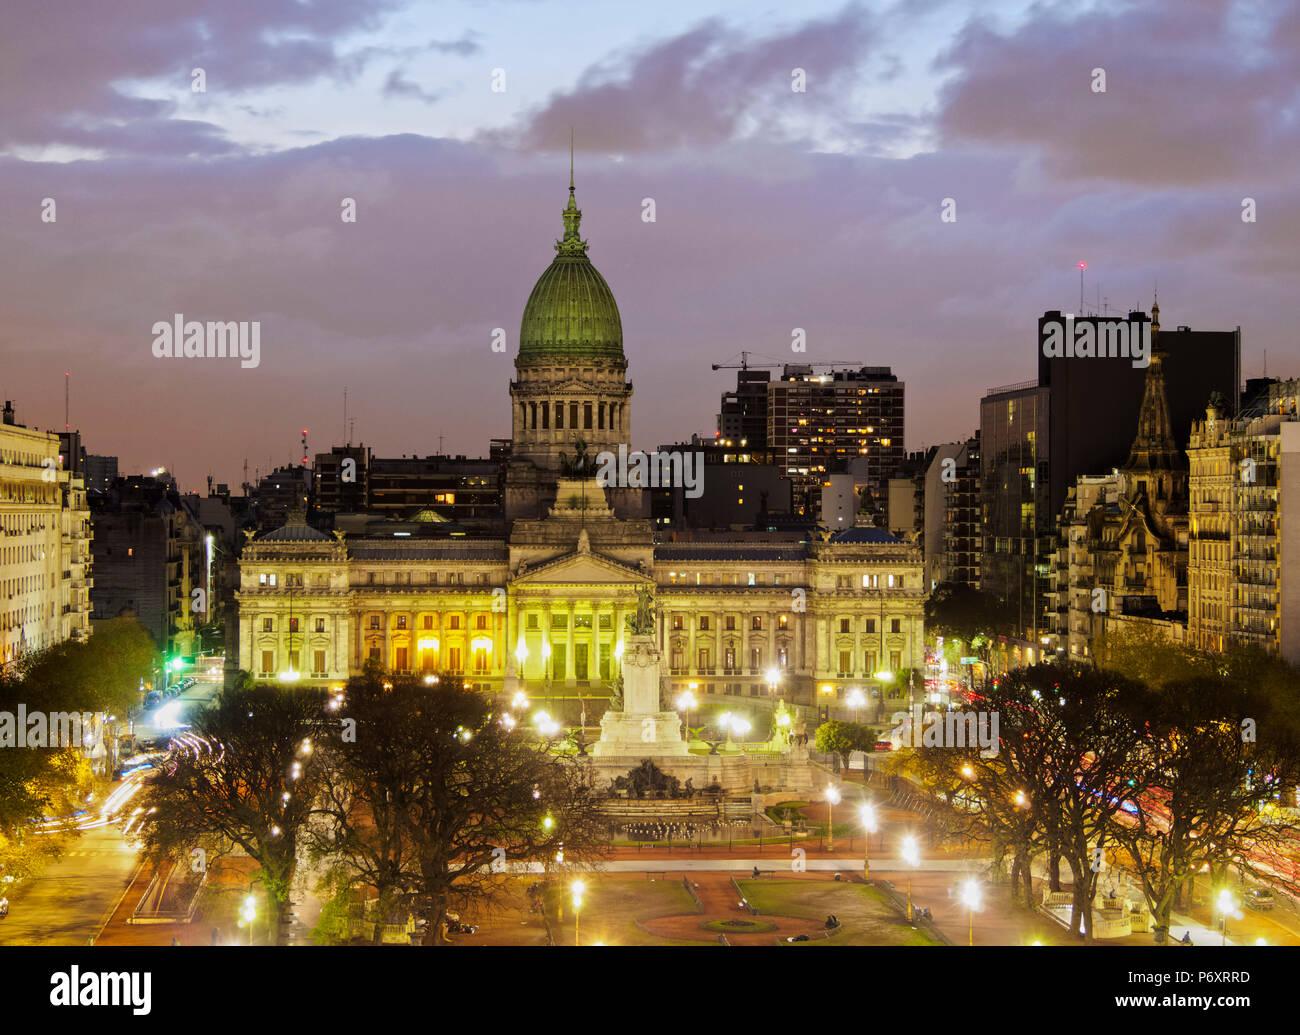 Argentinien, Provinz Buenos Aires, Buenos Aires, Plaza del Congreso, erhöhten Blick auf den Palast der argentinischen nationalen Kongress. Stockbild